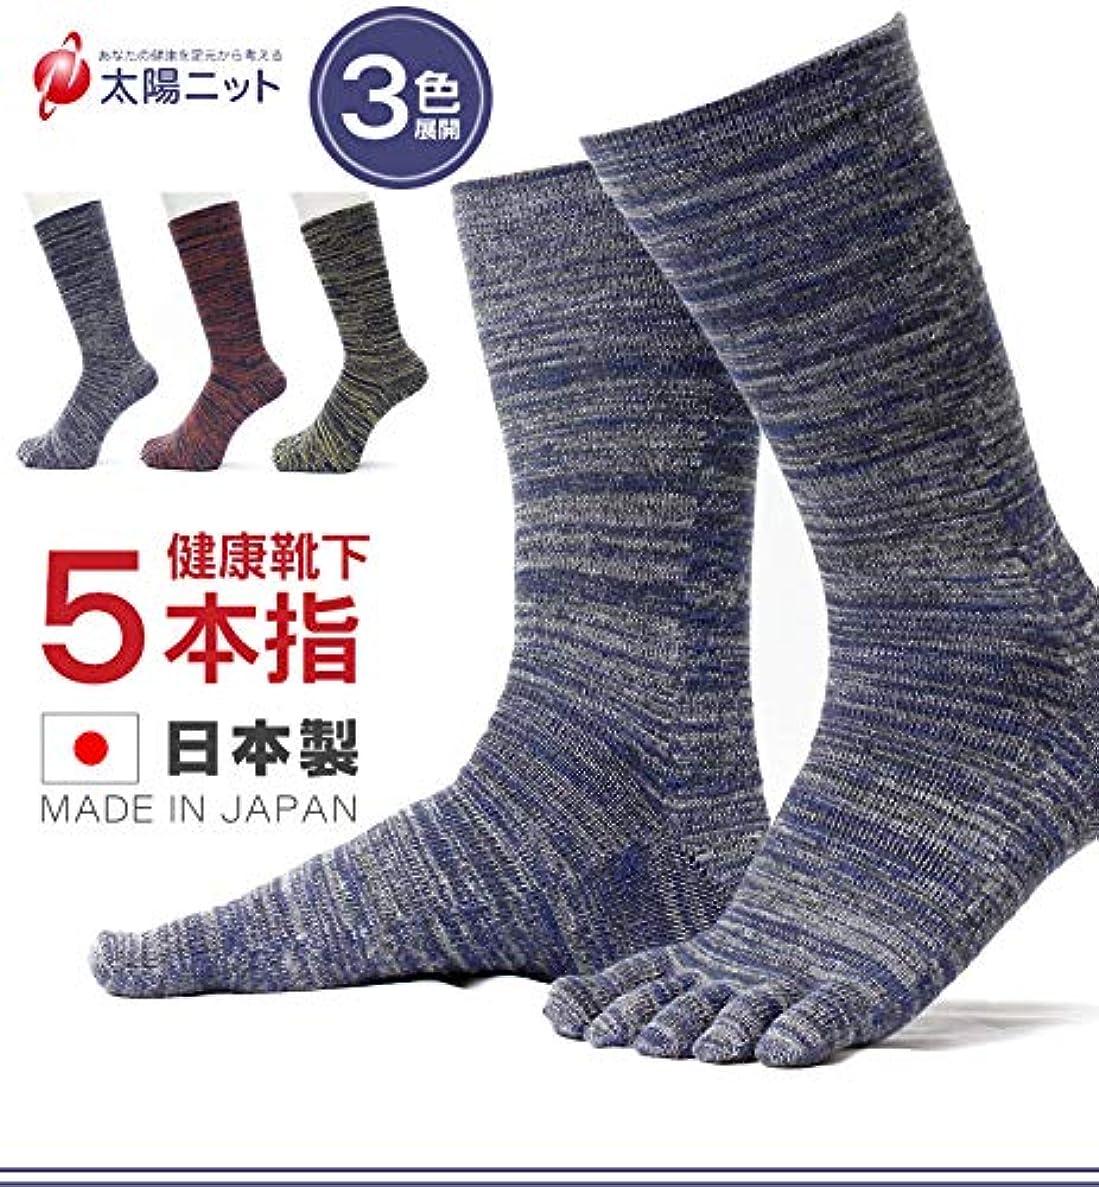 施しジョージバーナード固体靴下職人のこだわり メンズ スラブ調 5本指靴下 25-27㎝ 太陽ニット 366 (レッド)